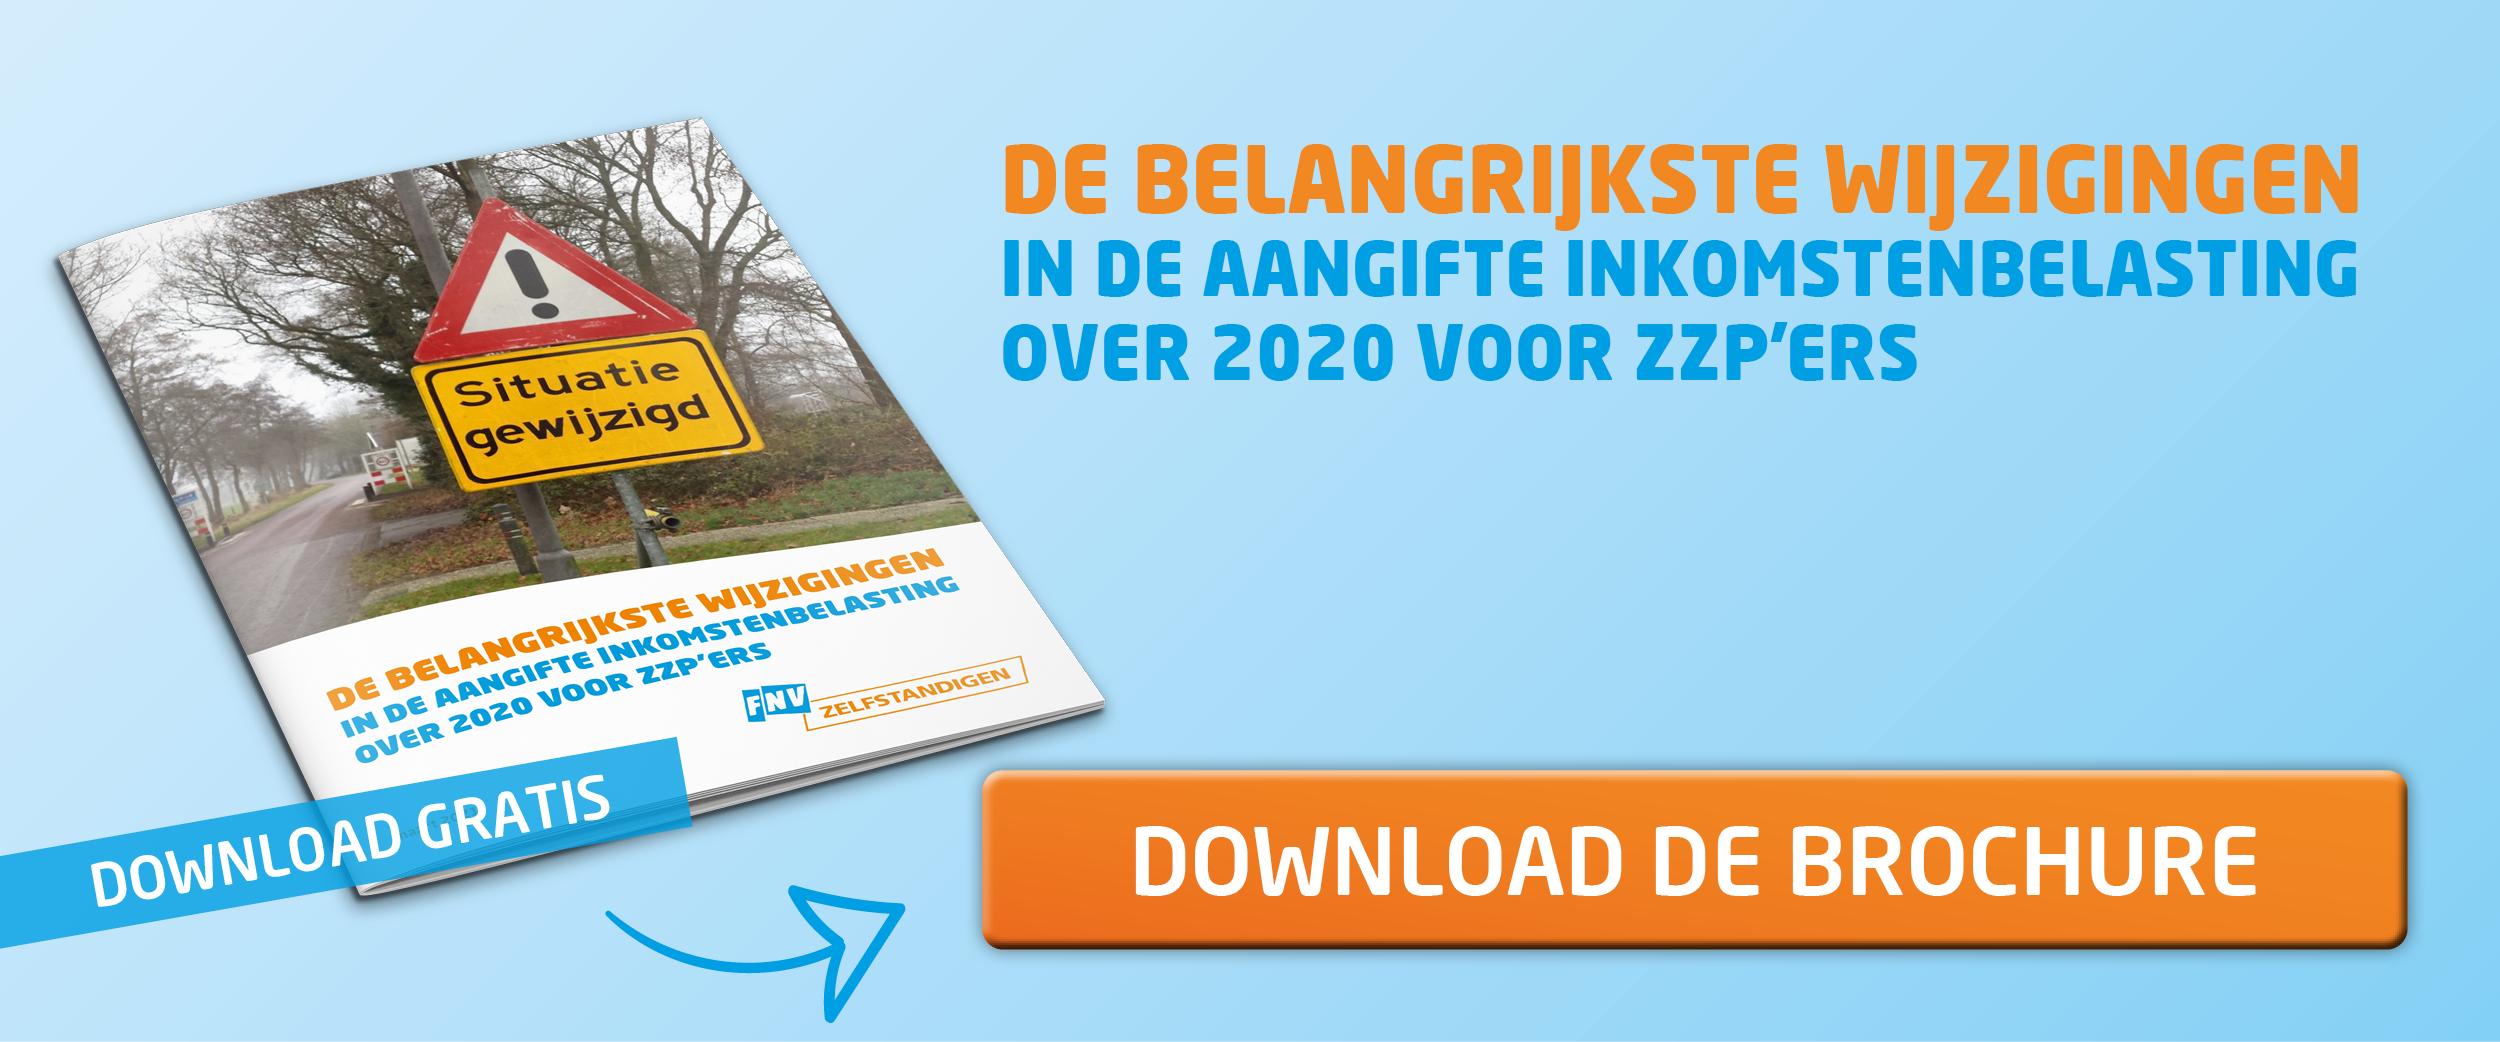 De belangrijkste wijzigingen in de aangifte inkomstenbelasting over 2020 voor zzp'ers